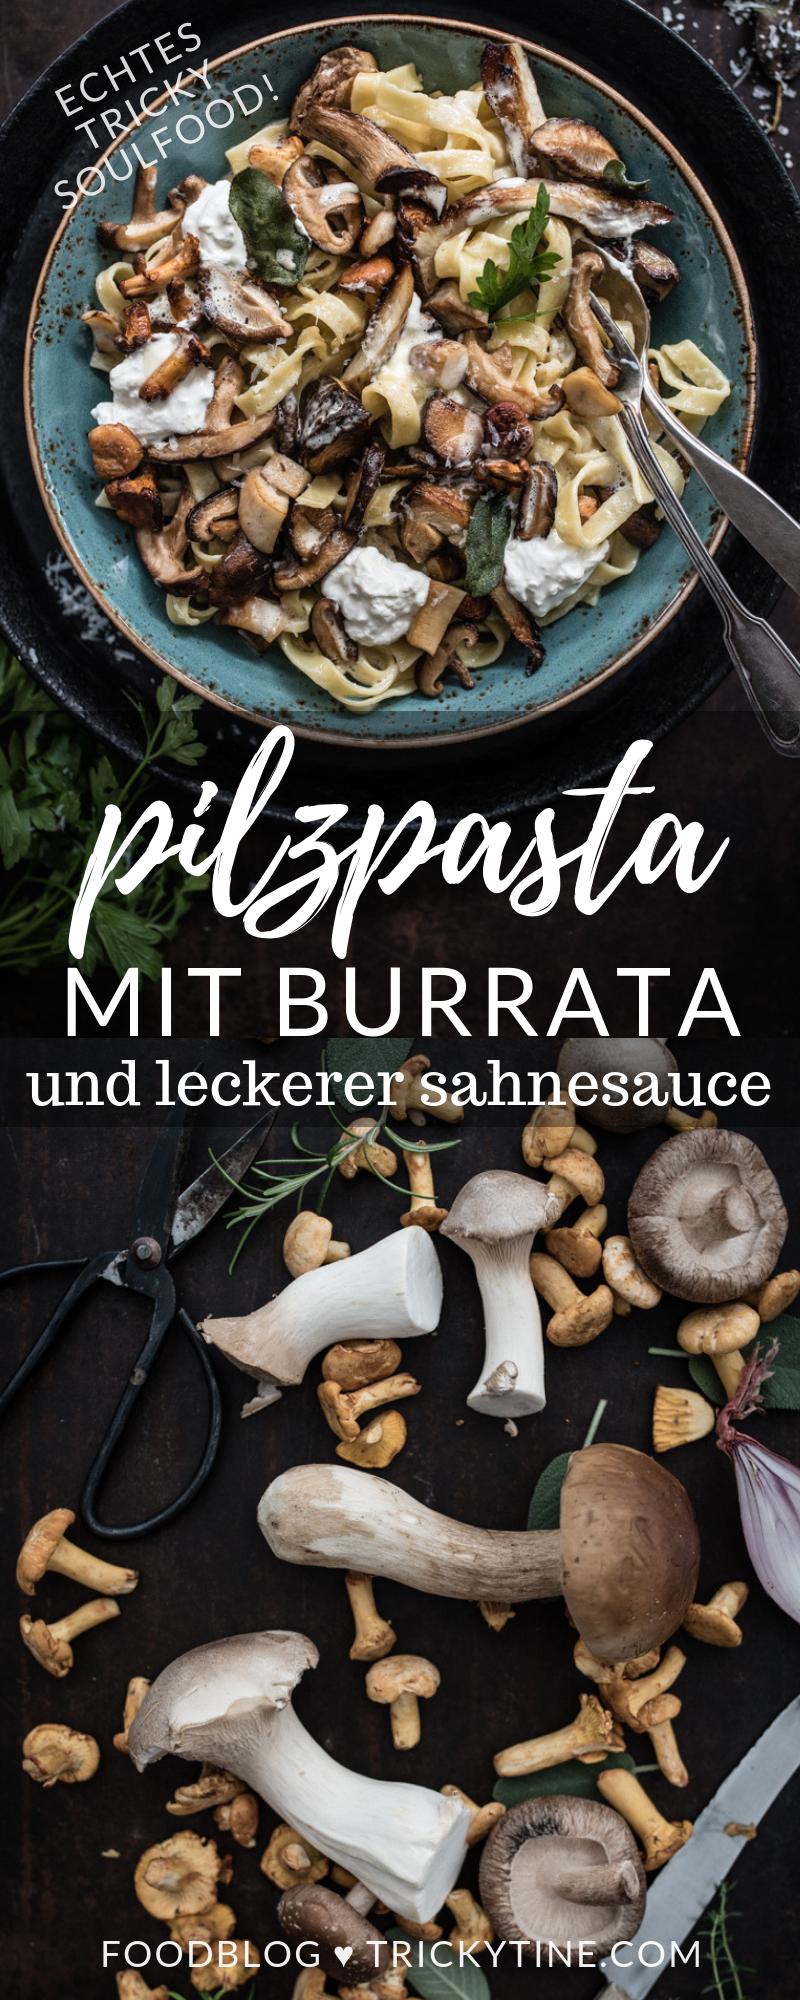 rezept für köstliche pilzpasta mit burrata ♥ herbstliches soulfood by trickytine #rezepteherbst